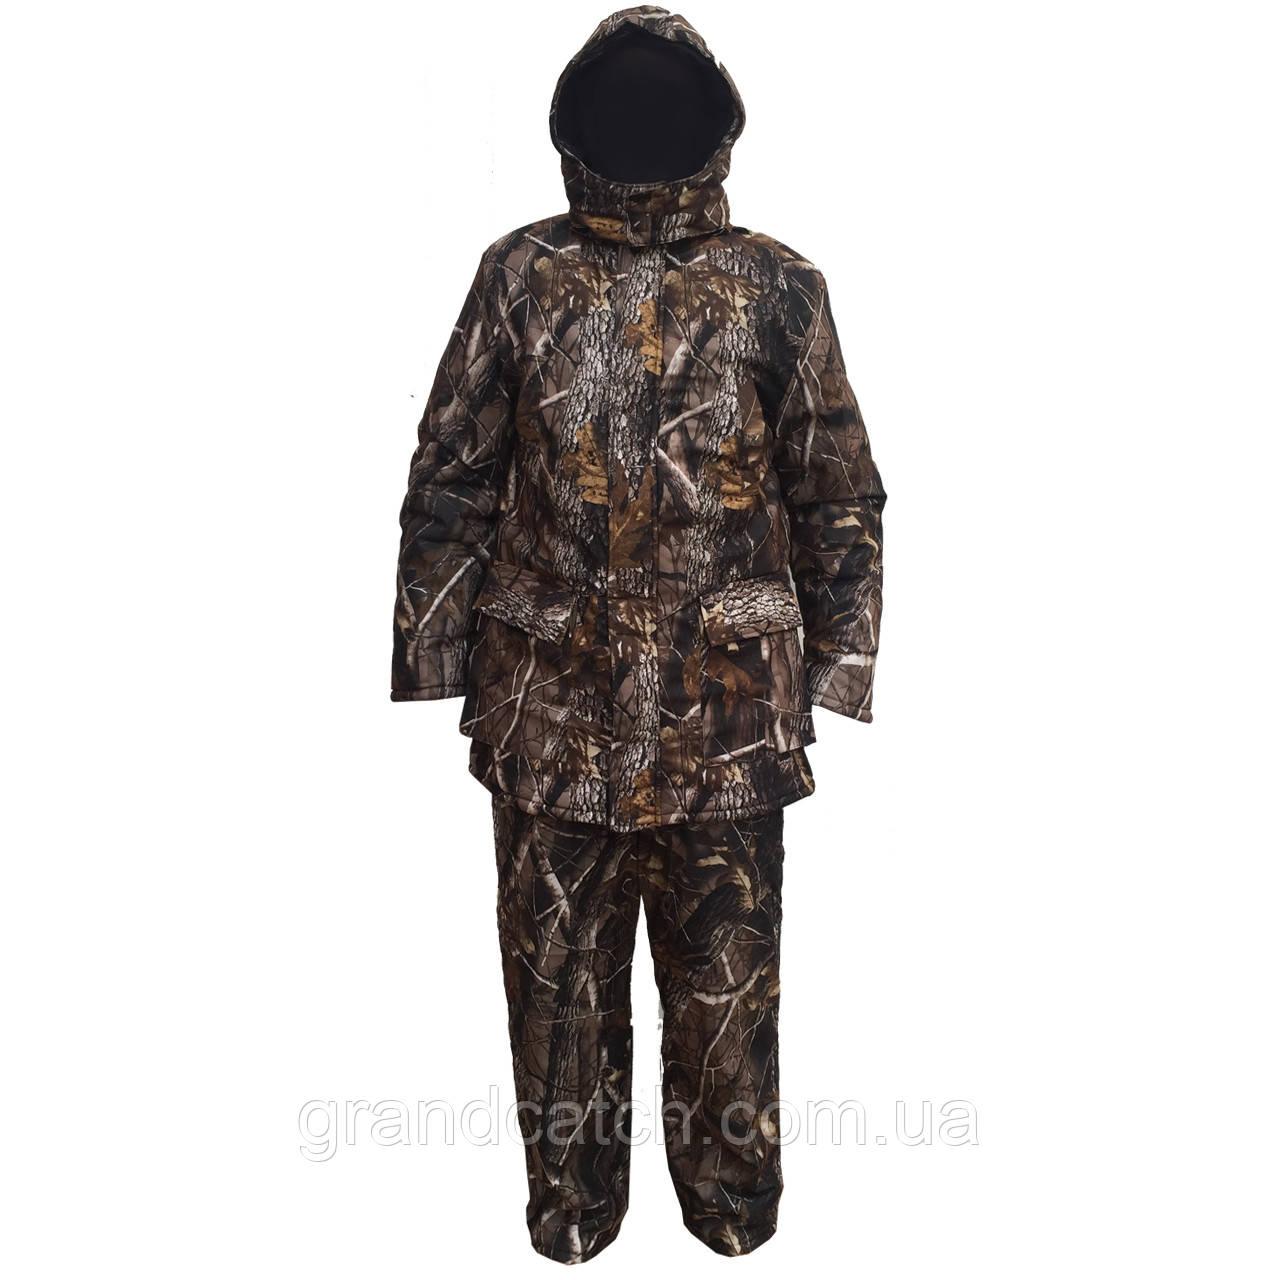 Зимний костюм для охоты и рыбалки мембрана AL-01